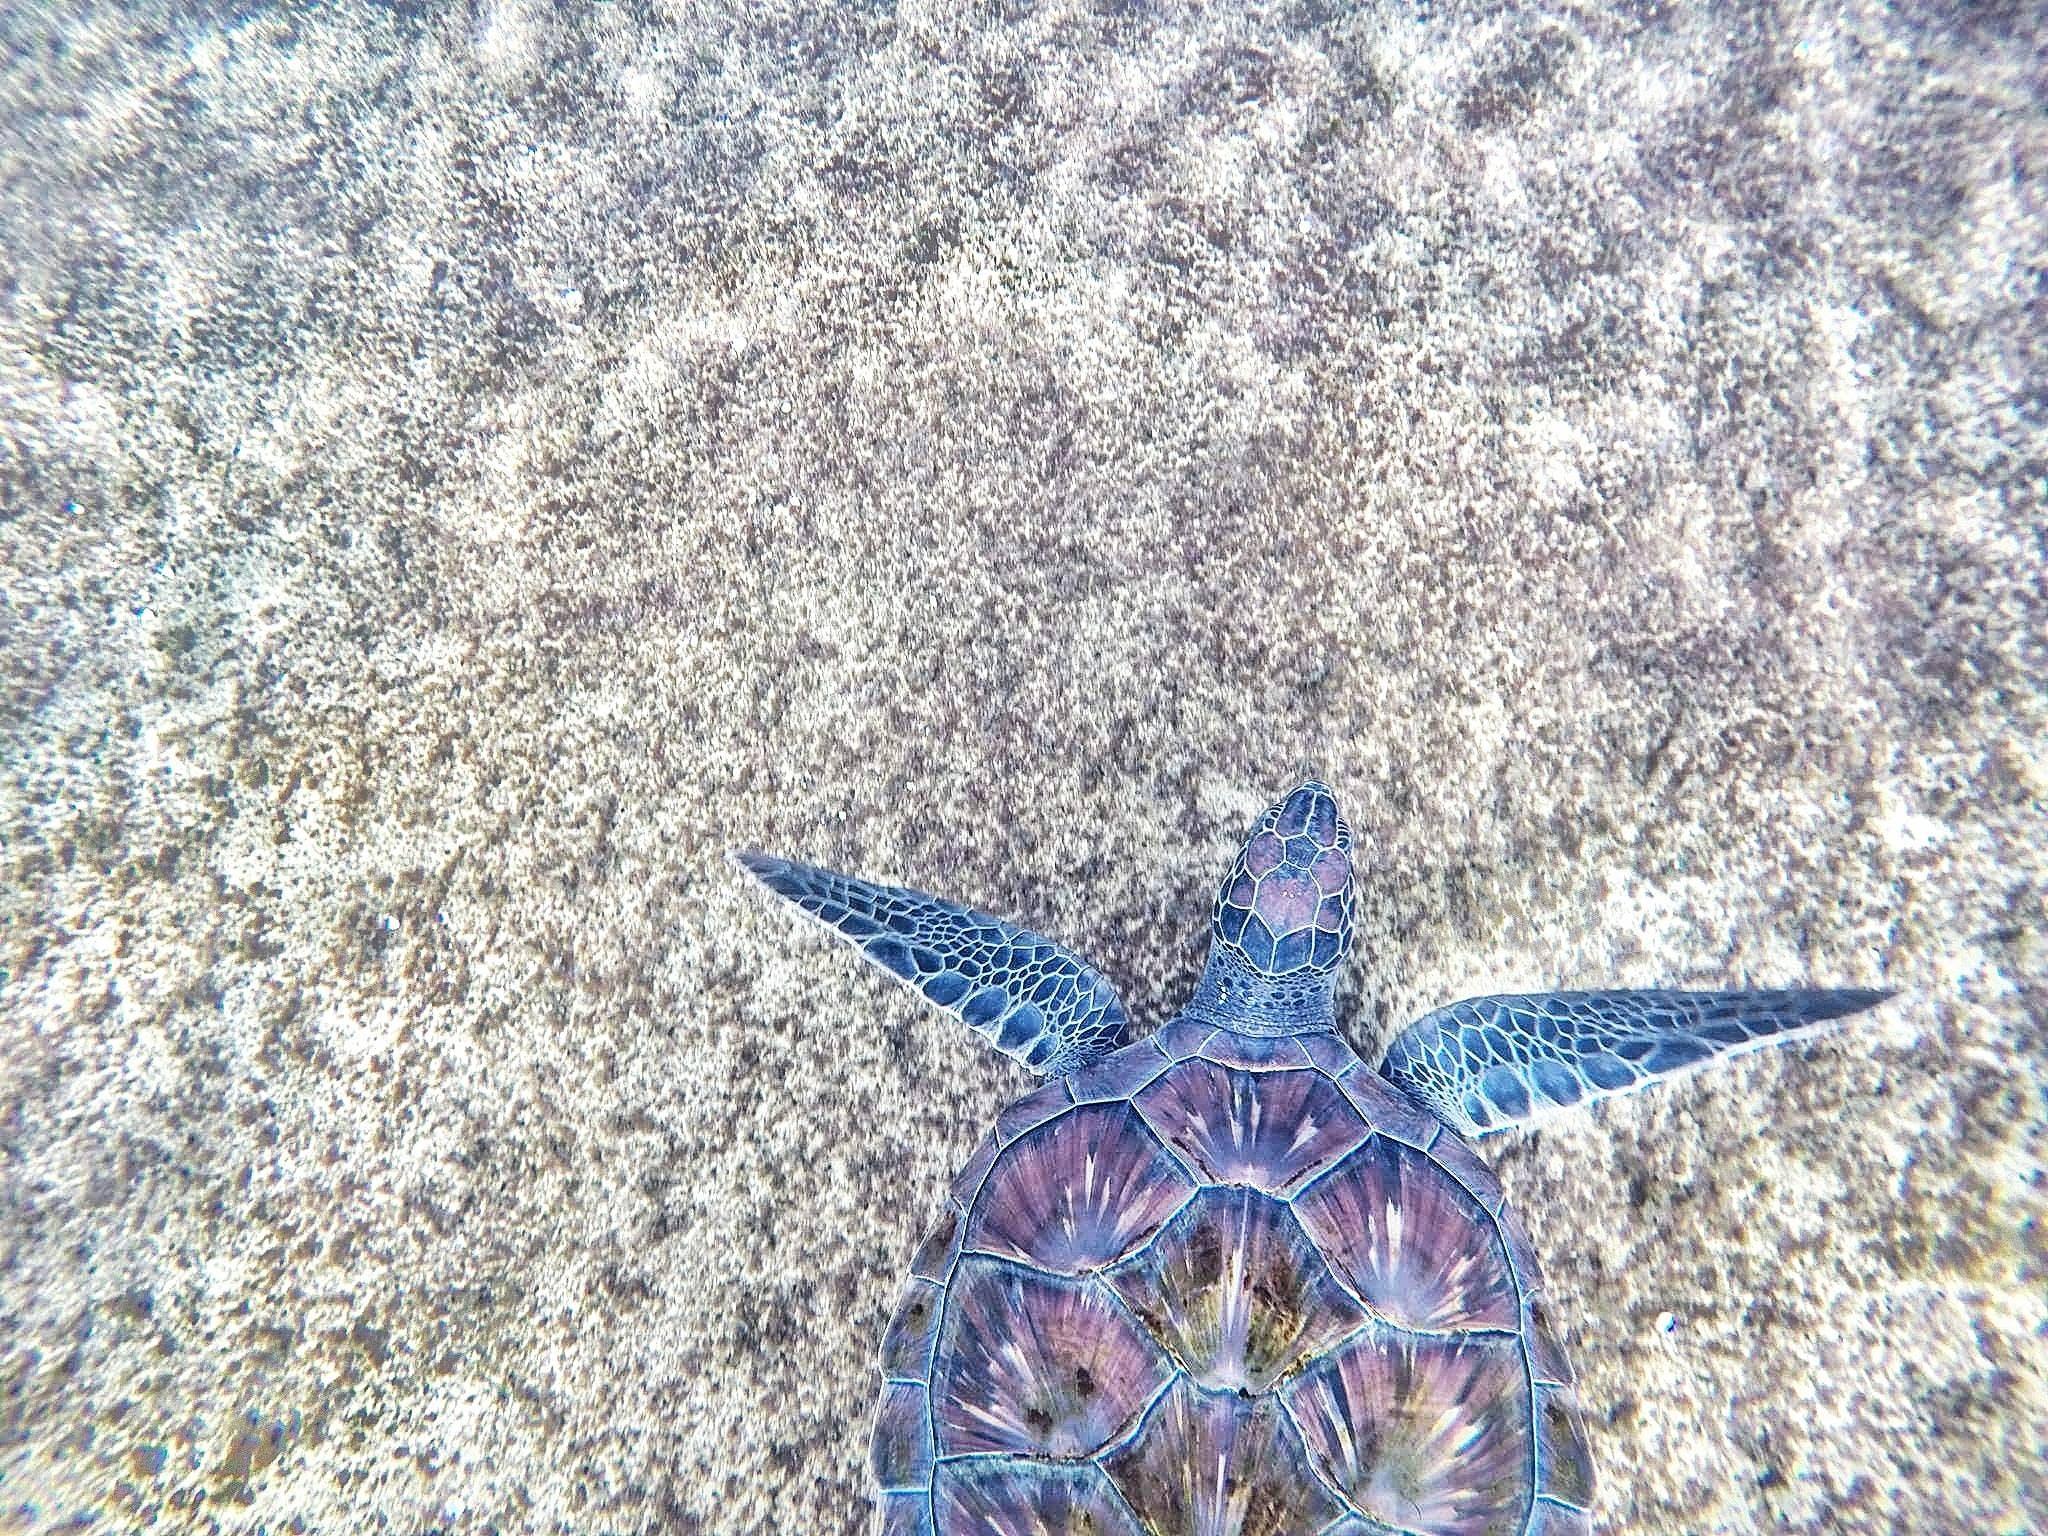 HD 바탕화면, 거북이, 껍데기, 낮의 무료 스톡 사진